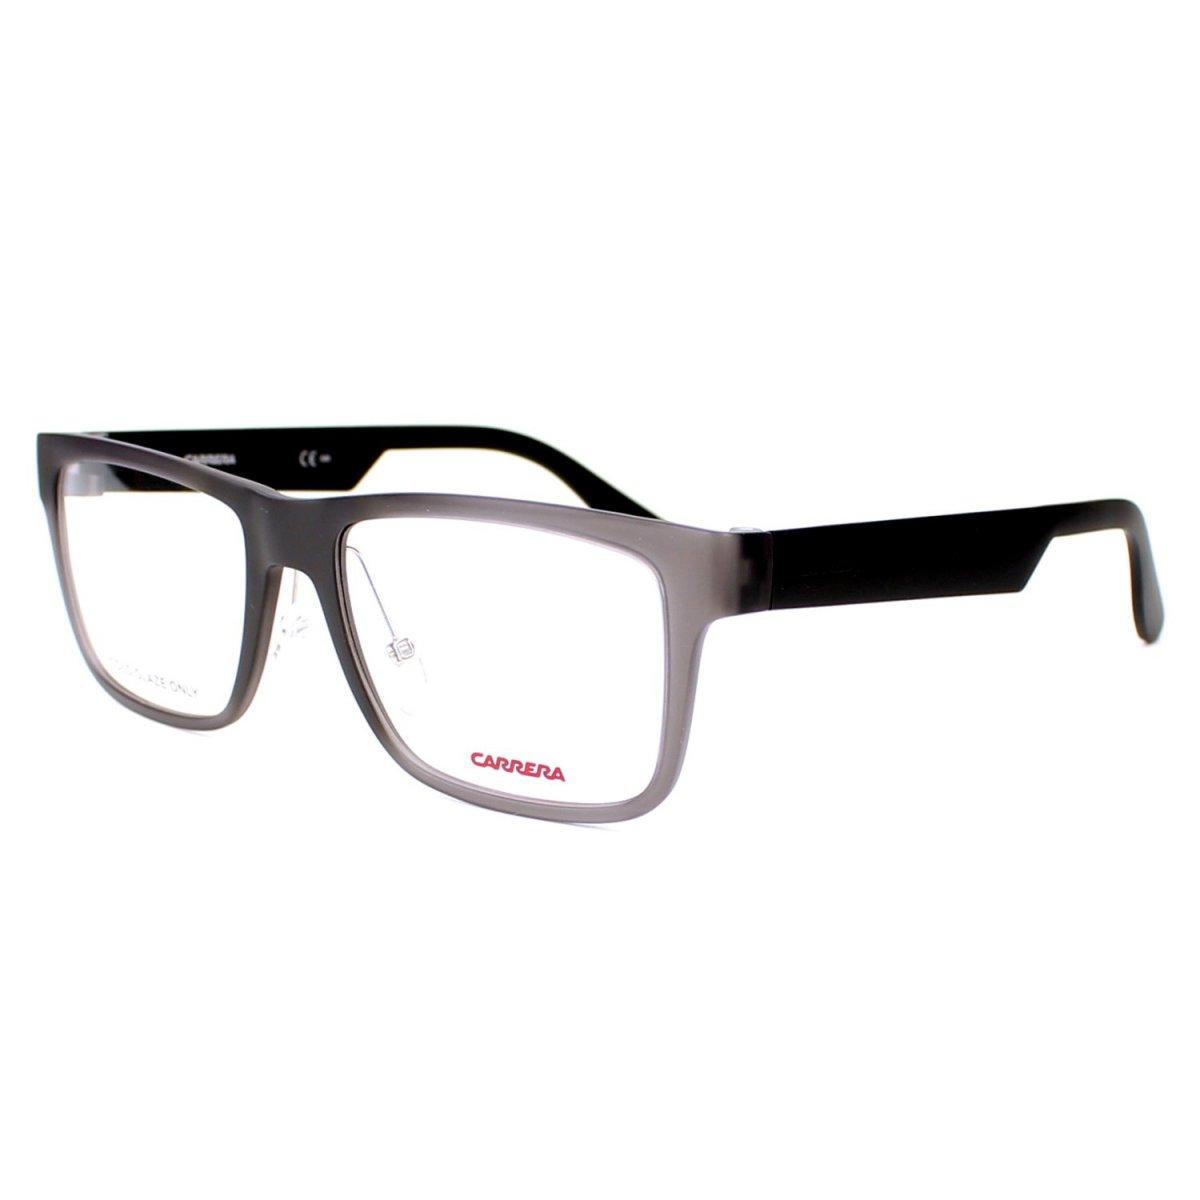 985c9f8df55d8 Compre Óculos de Grau Carrera em 10X   Tri-Jóia Shop